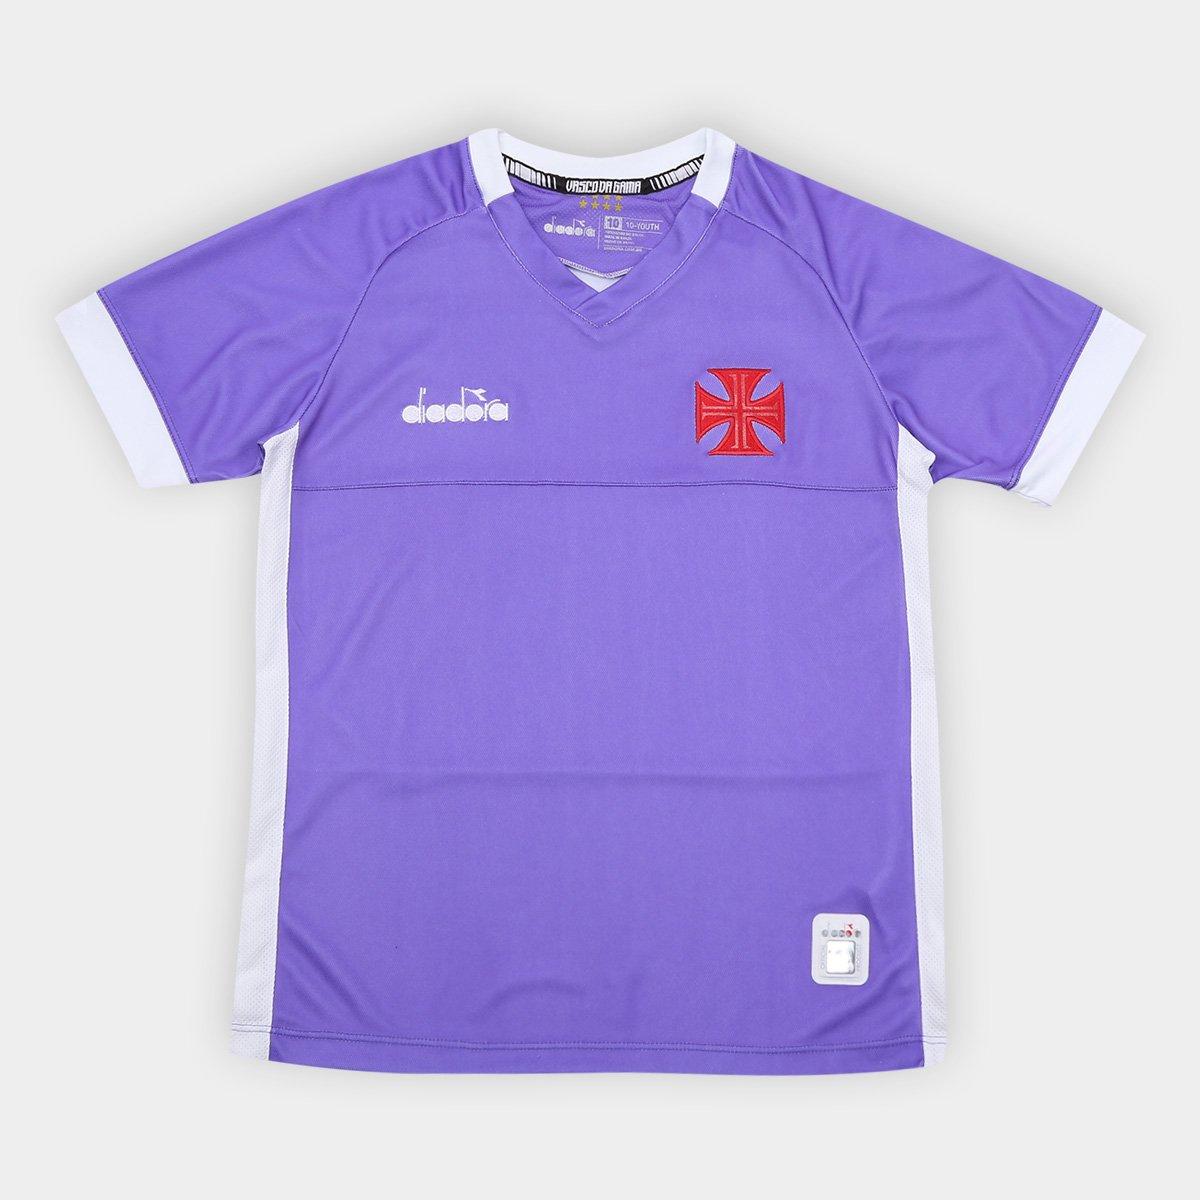 6ef1b7a6e2 Camisa de Goleiro Vasco Infantil II 19 20 - Torcedor Diadora - Roxo ...